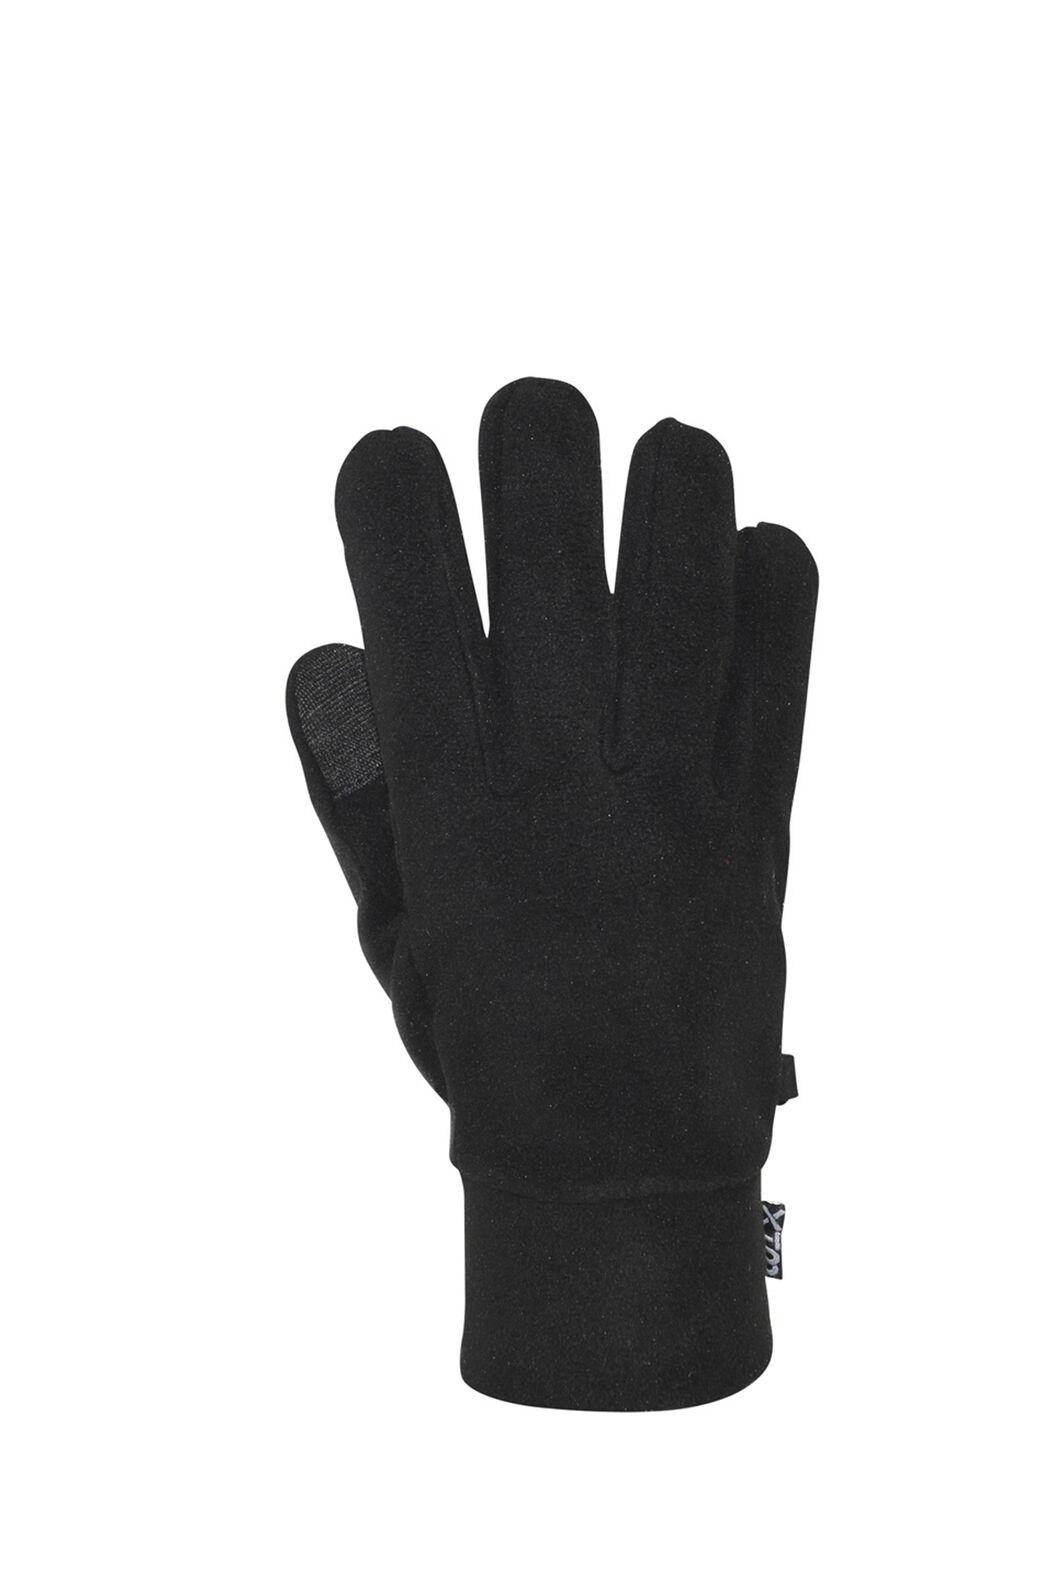 XTM Muse Fleece Gloves - Men's, Black, hi-res